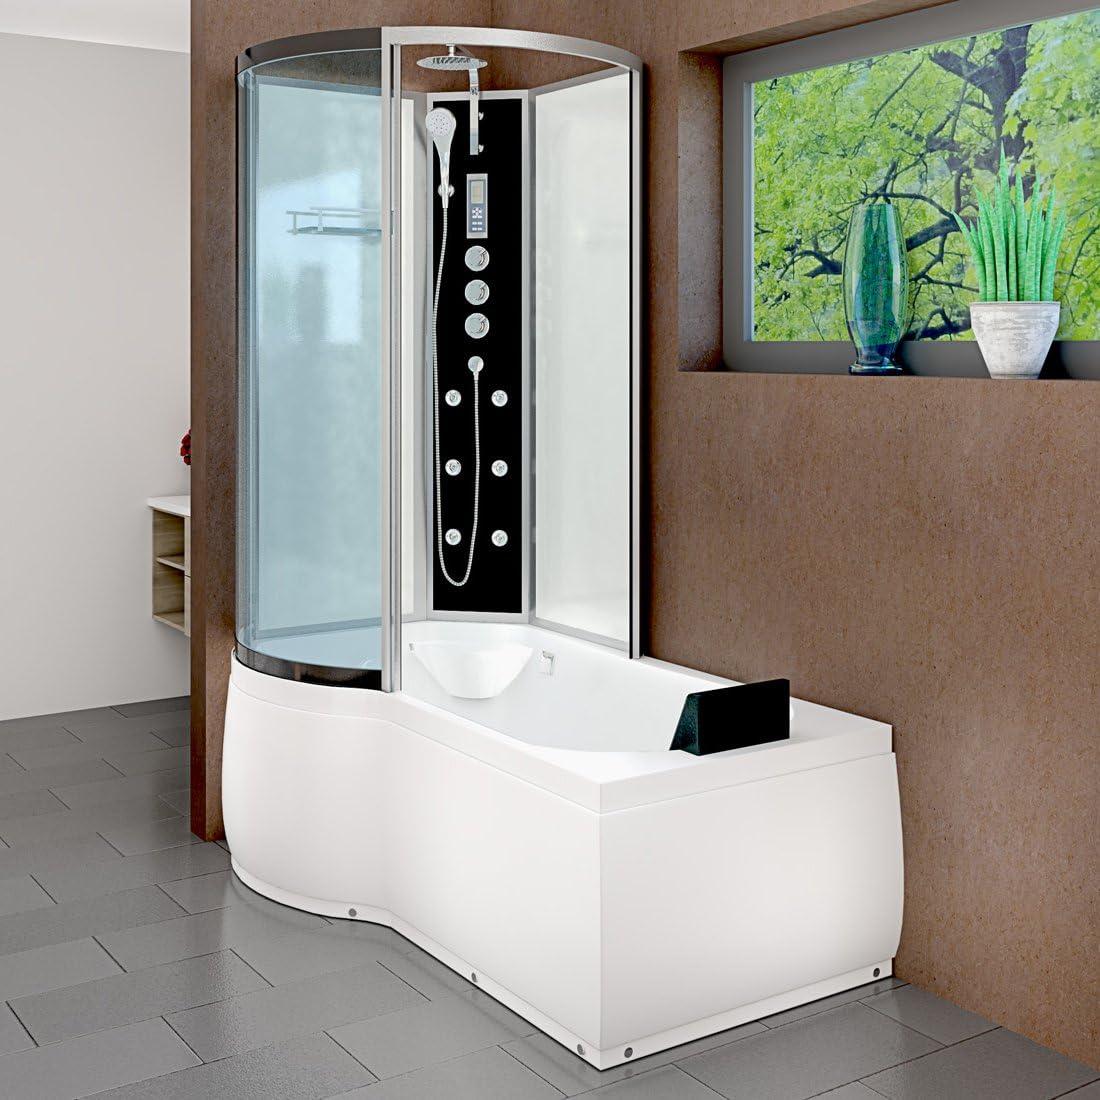 Acqua Vapore dtp8050 de a005r bañera ducha Templo bañera ducha cabina de ducha 98 x 170, Blanco 20.00 wattsW, 230.00 voltsV: Amazon.es: Bricolaje y herramientas